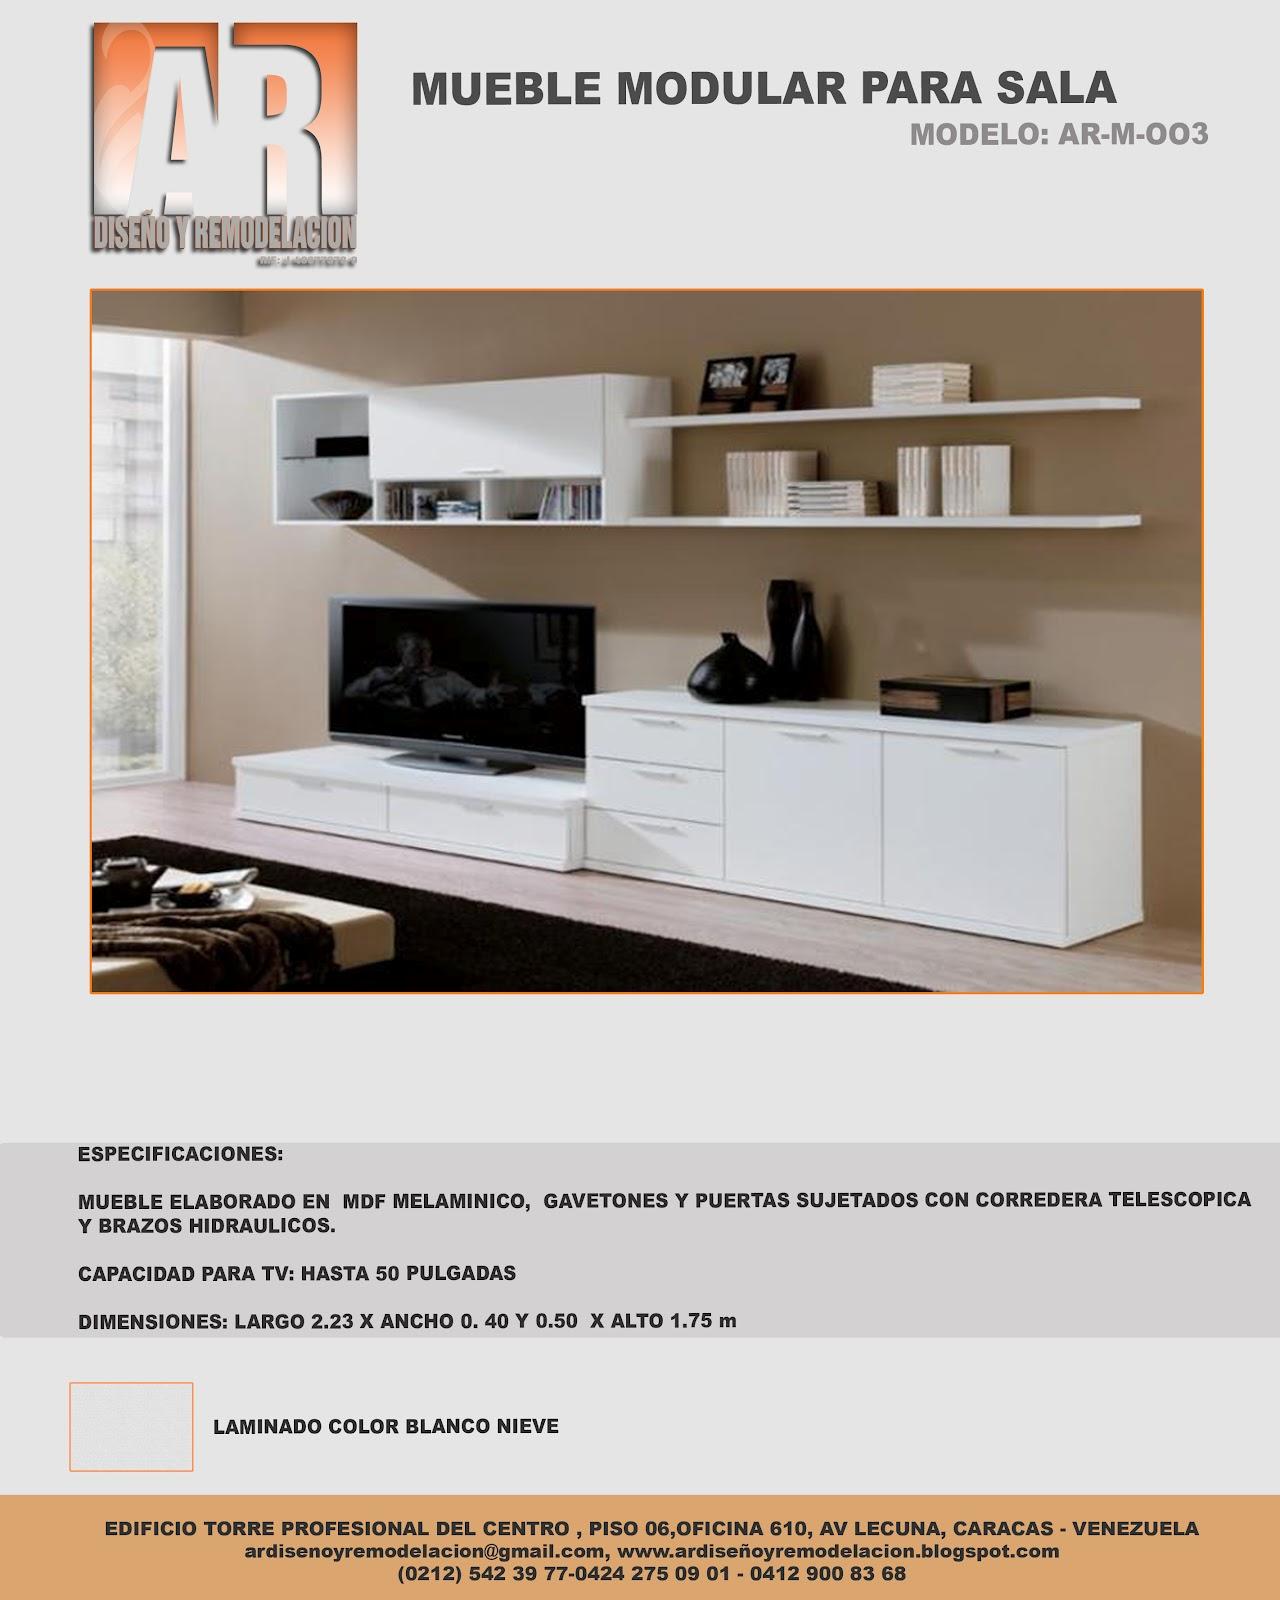 Ar dise o y remodelaci n muebles modulares para sala for Remodelacion de muebles de sala